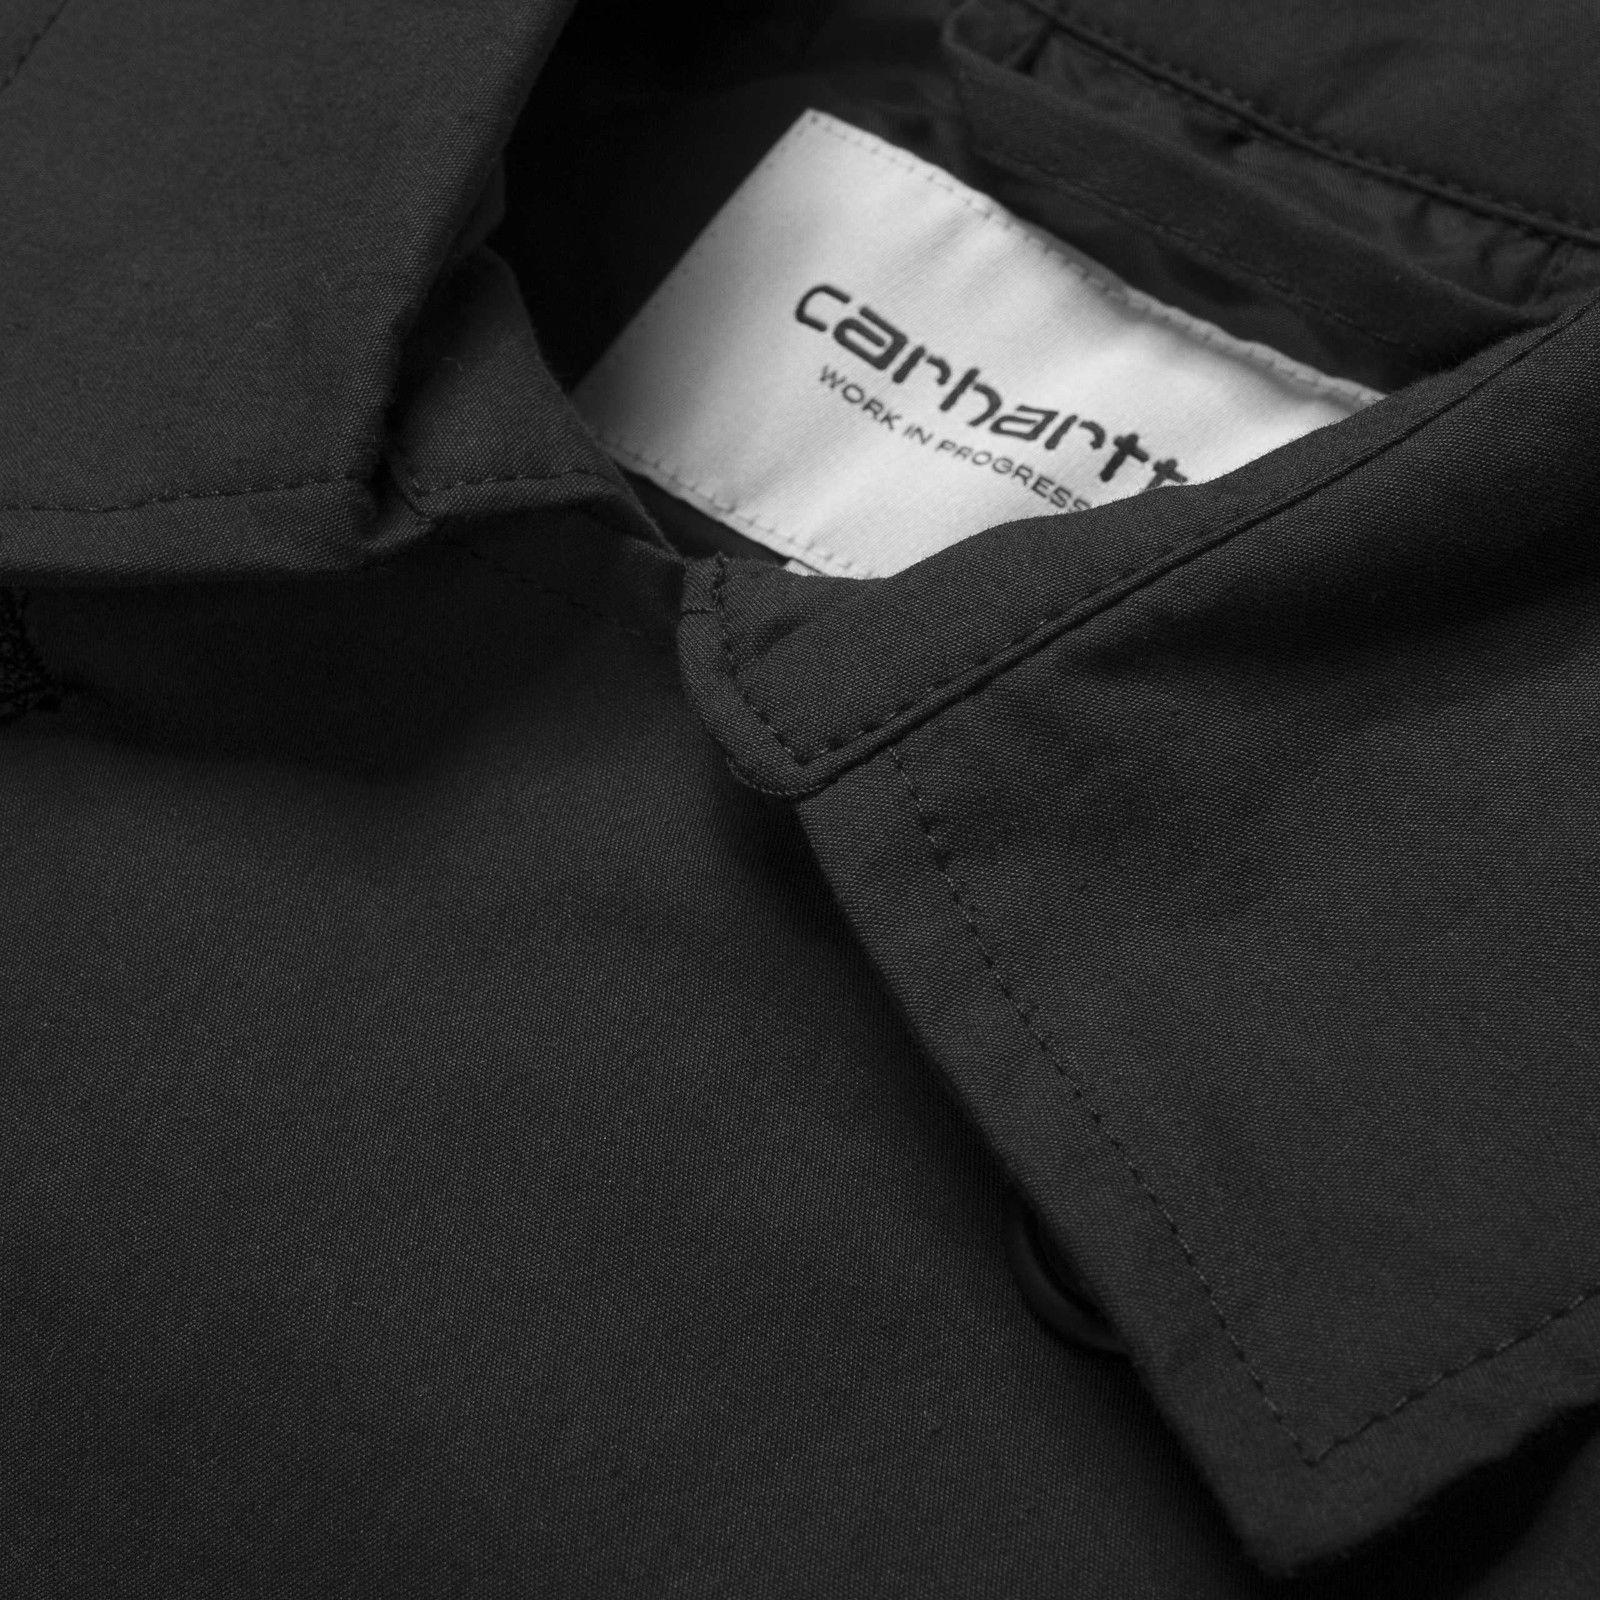 Carhartt WIP - JORDI TRENCH COAT - Black